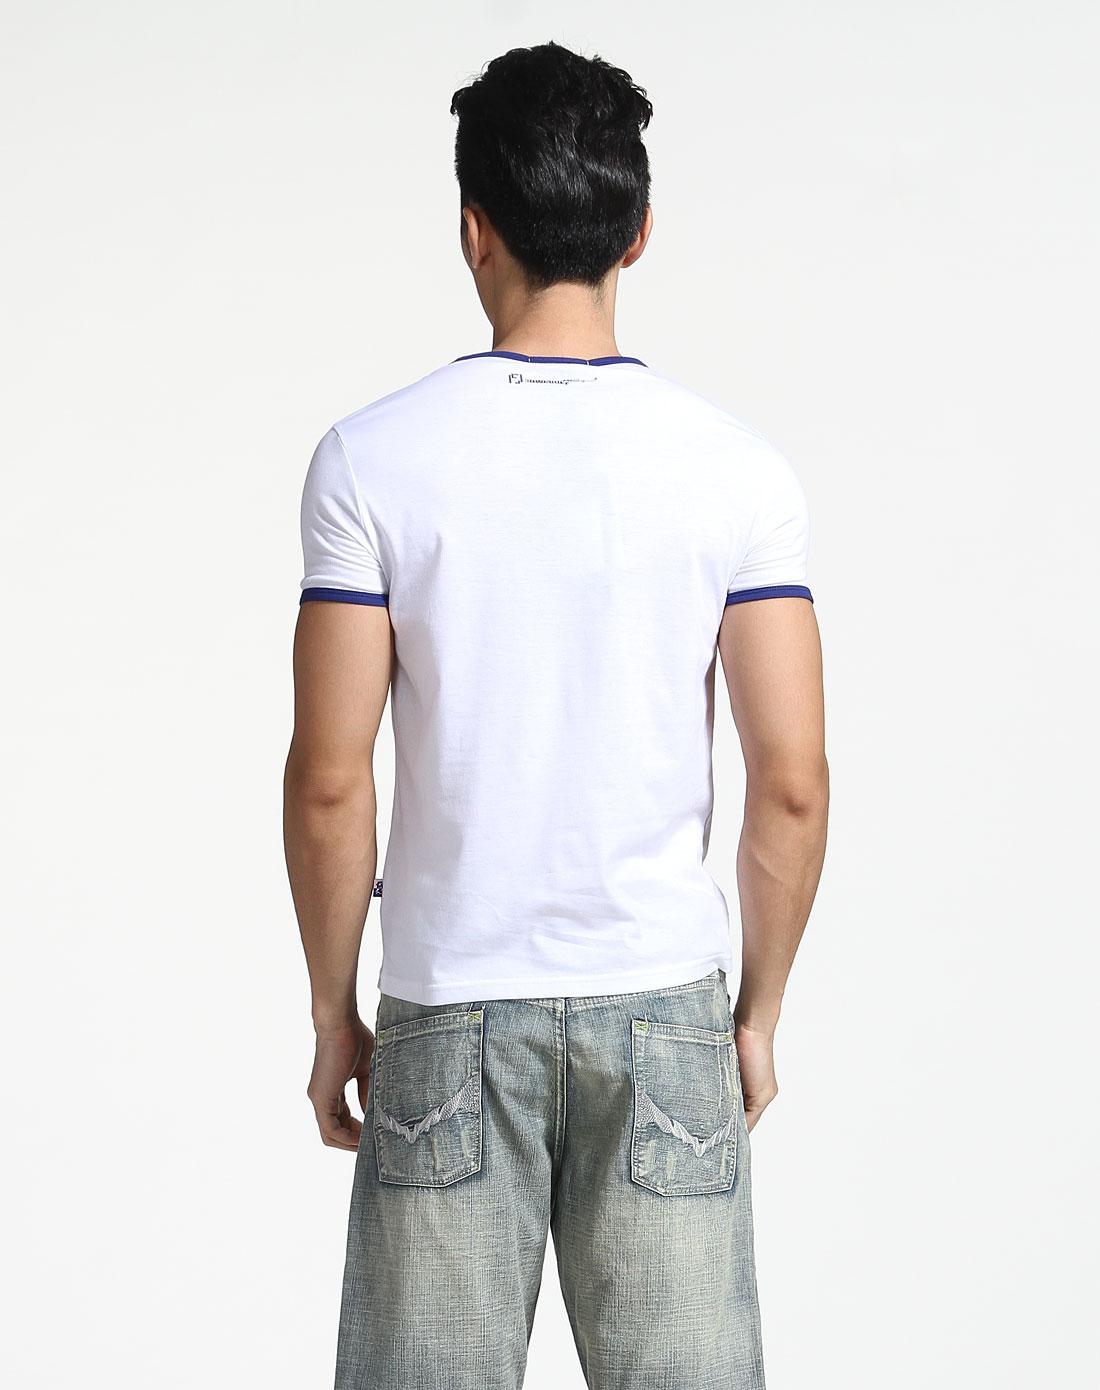 人物头像白色短袖t恤